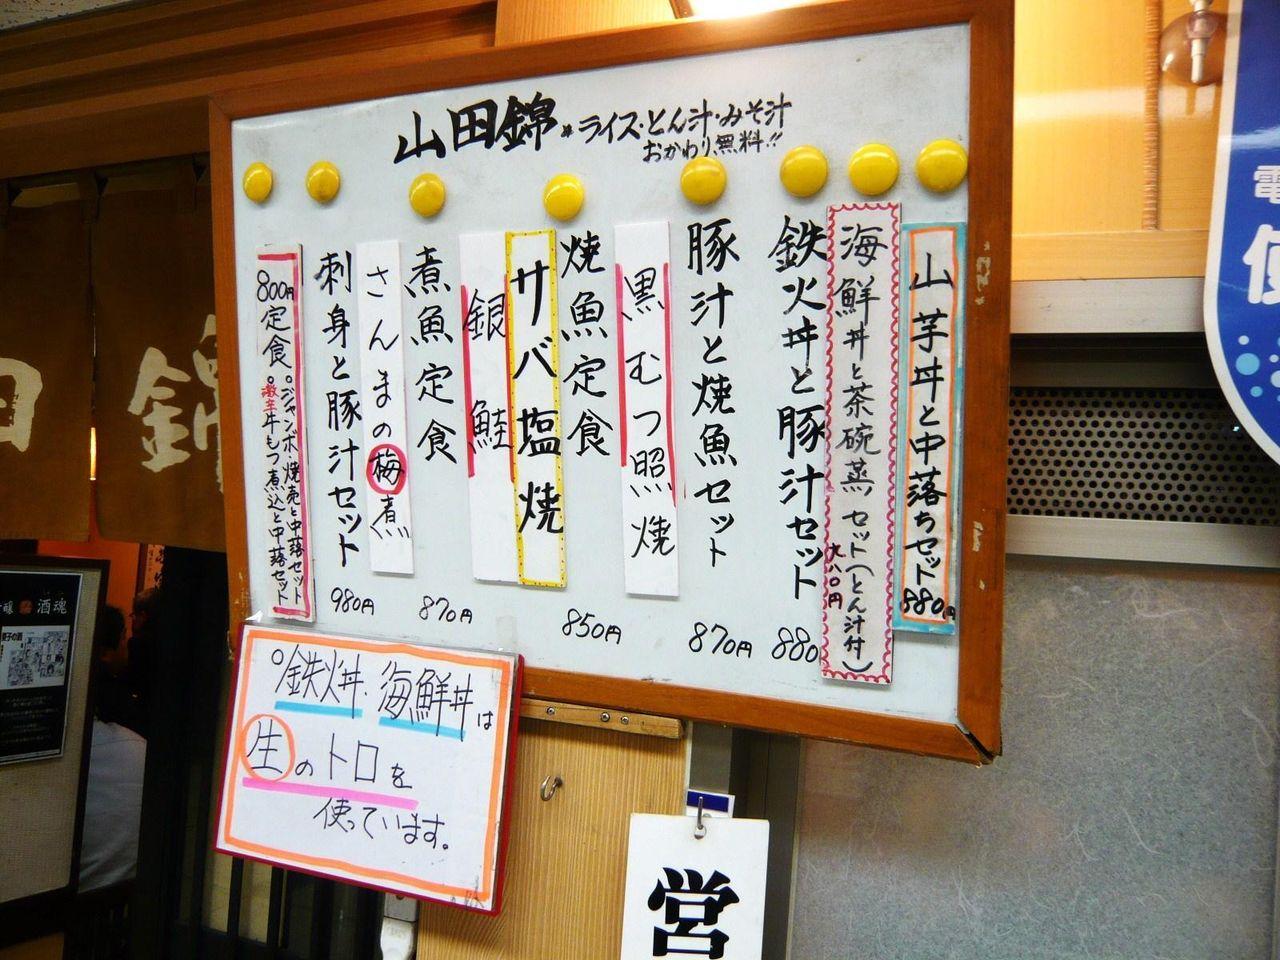 玉乃光酒造山田錦店のランチメニュー(23年1月現在)